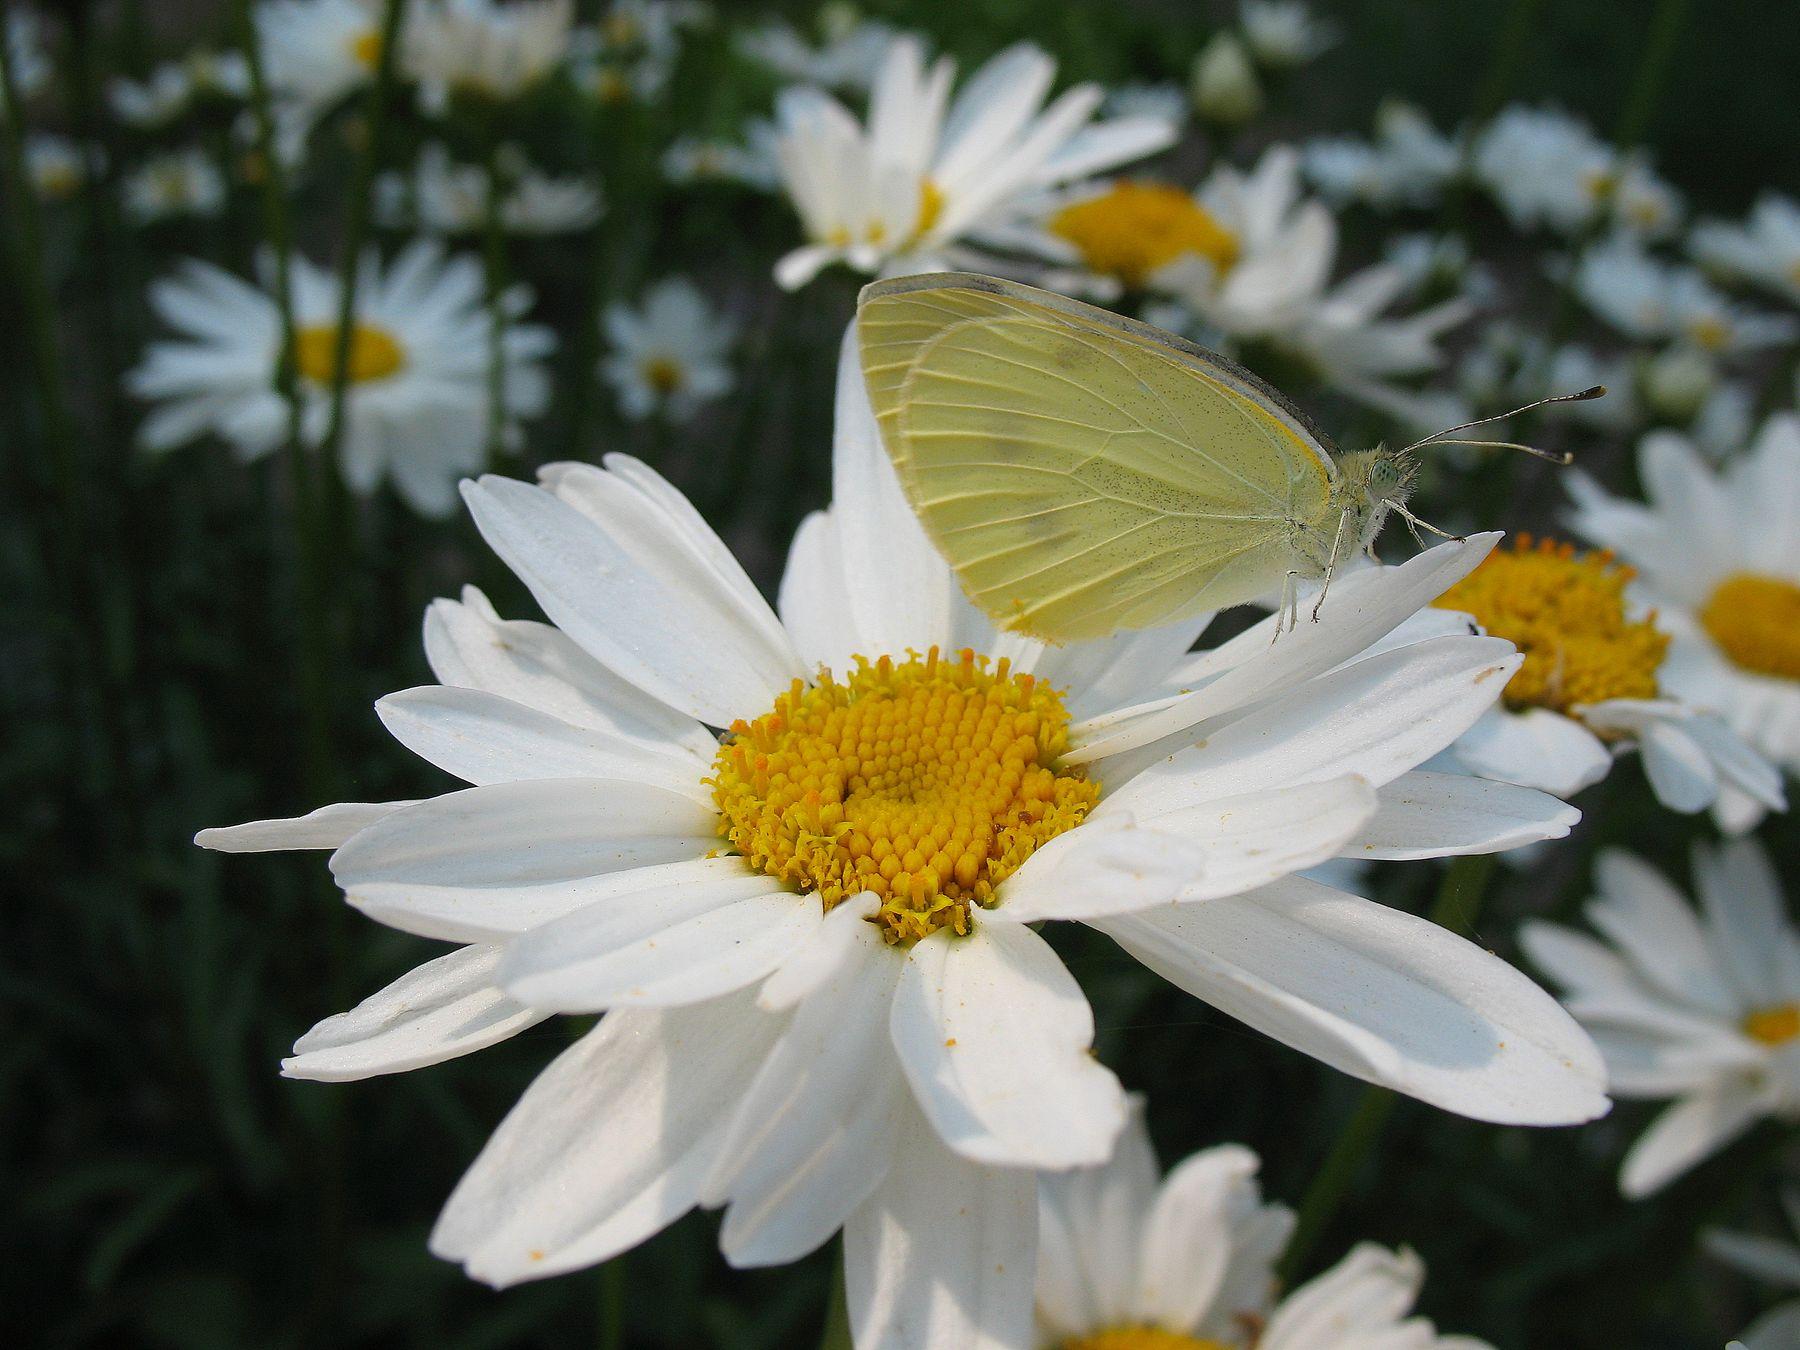 Ромашки с бабочкой природа лето цветы фауна насекомые бабочки макро флора